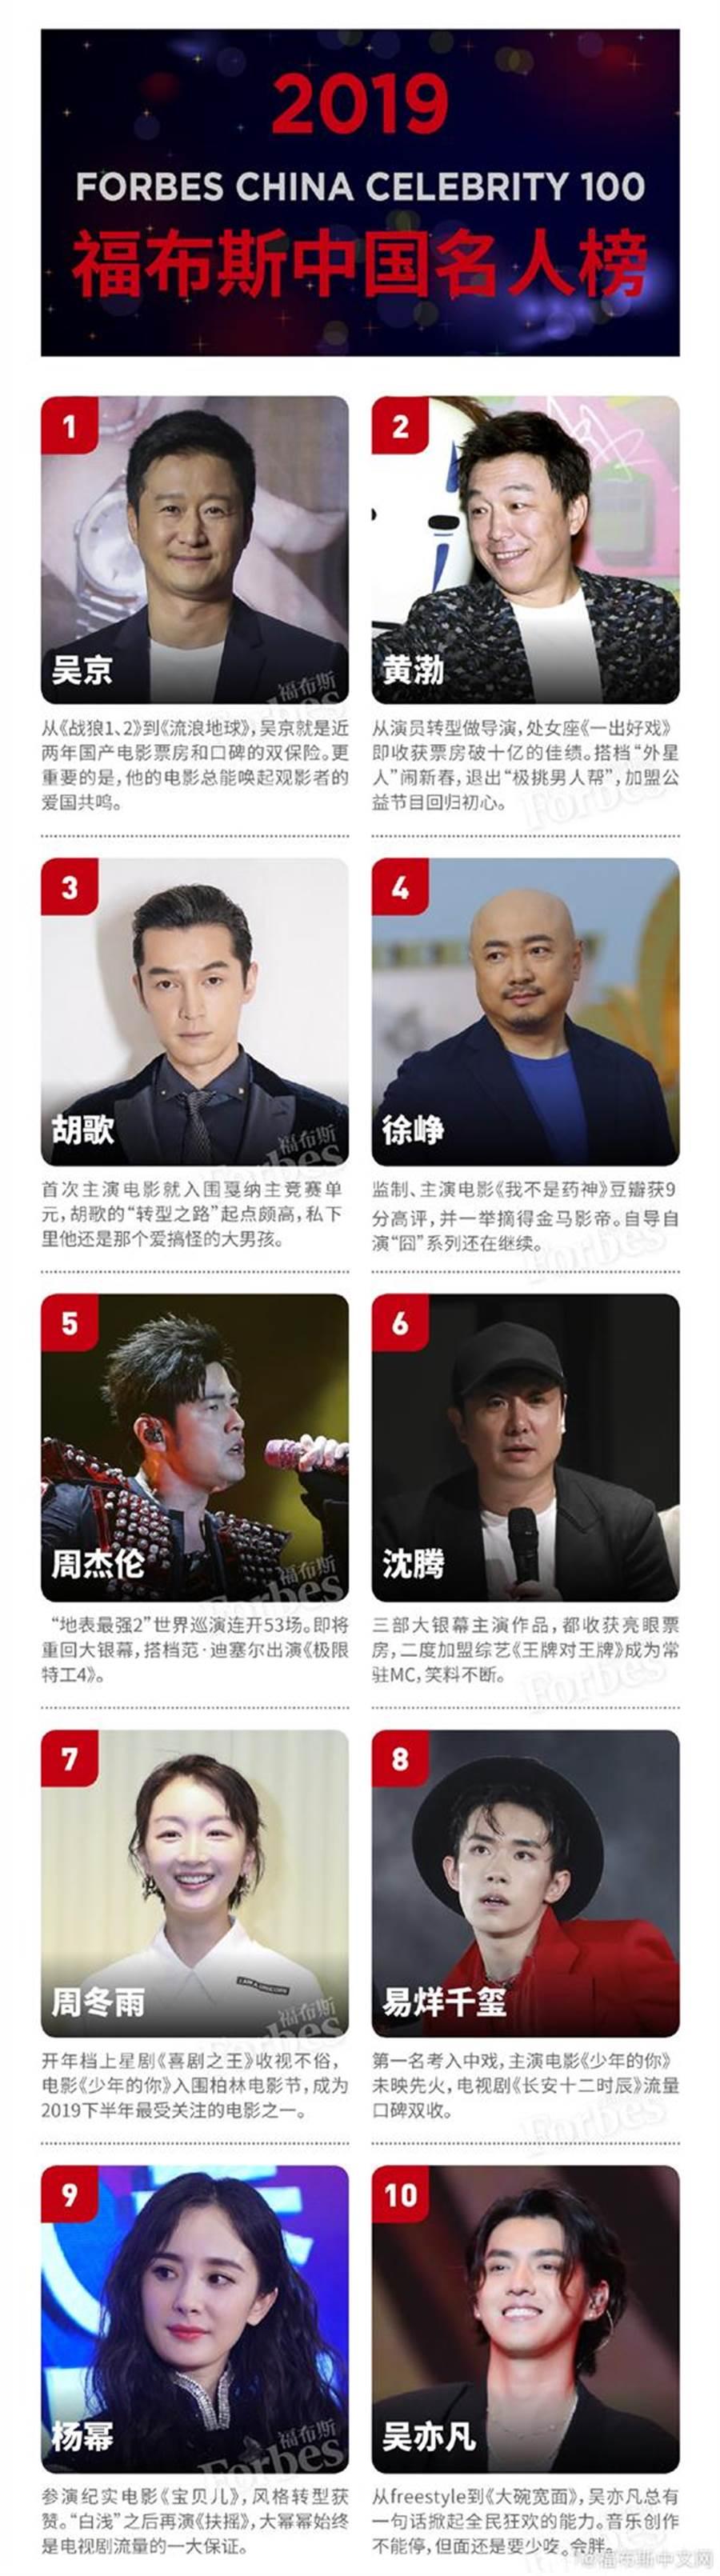 富比士發佈「2019中國100名人榜」。(取自搜狐網)